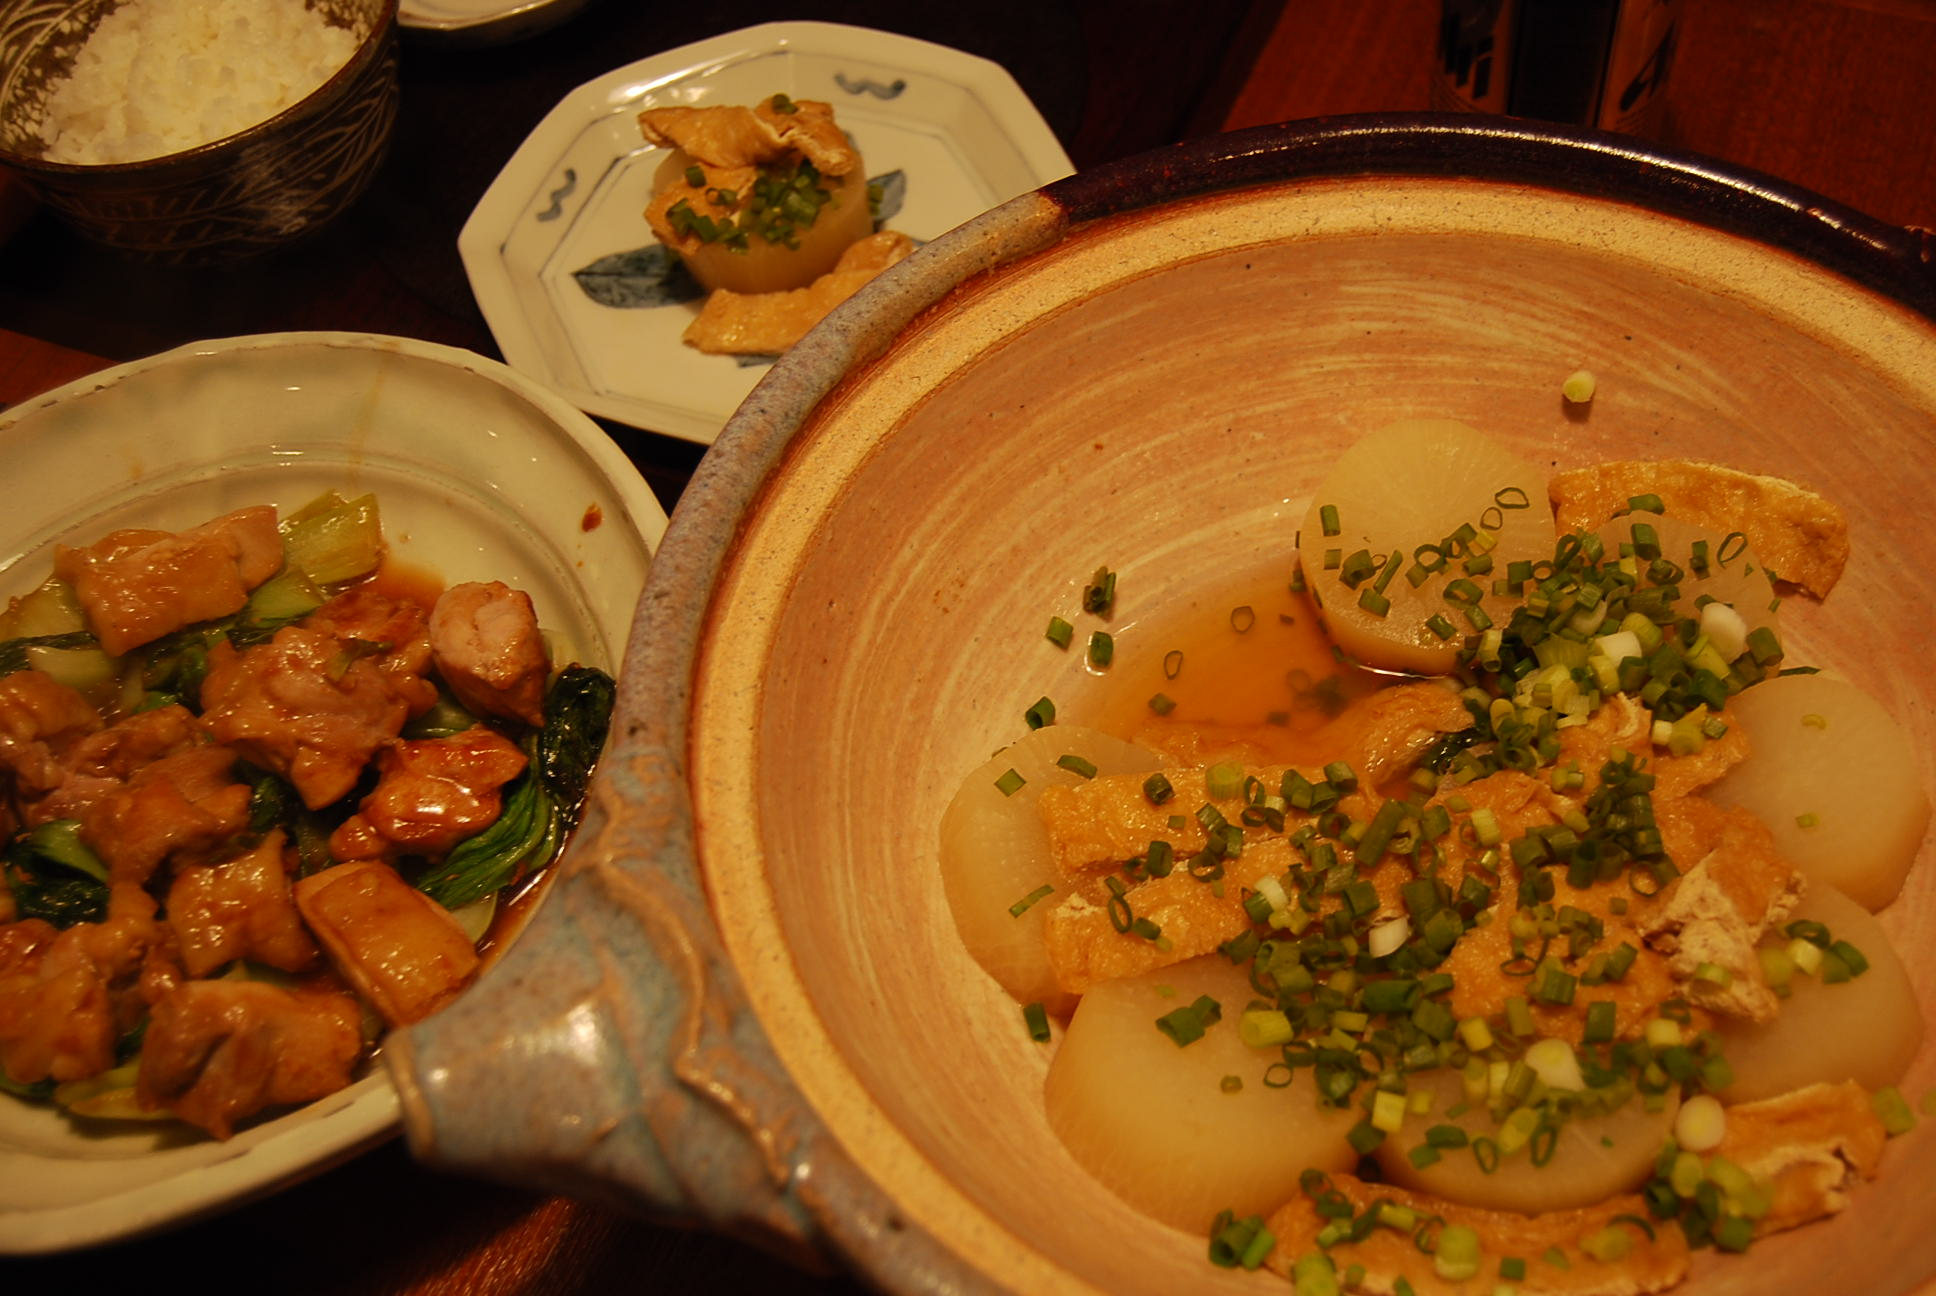 大根土鍋煮 鶏とチンゲンサイのオイスター炒め_e0142956_11332232.jpg